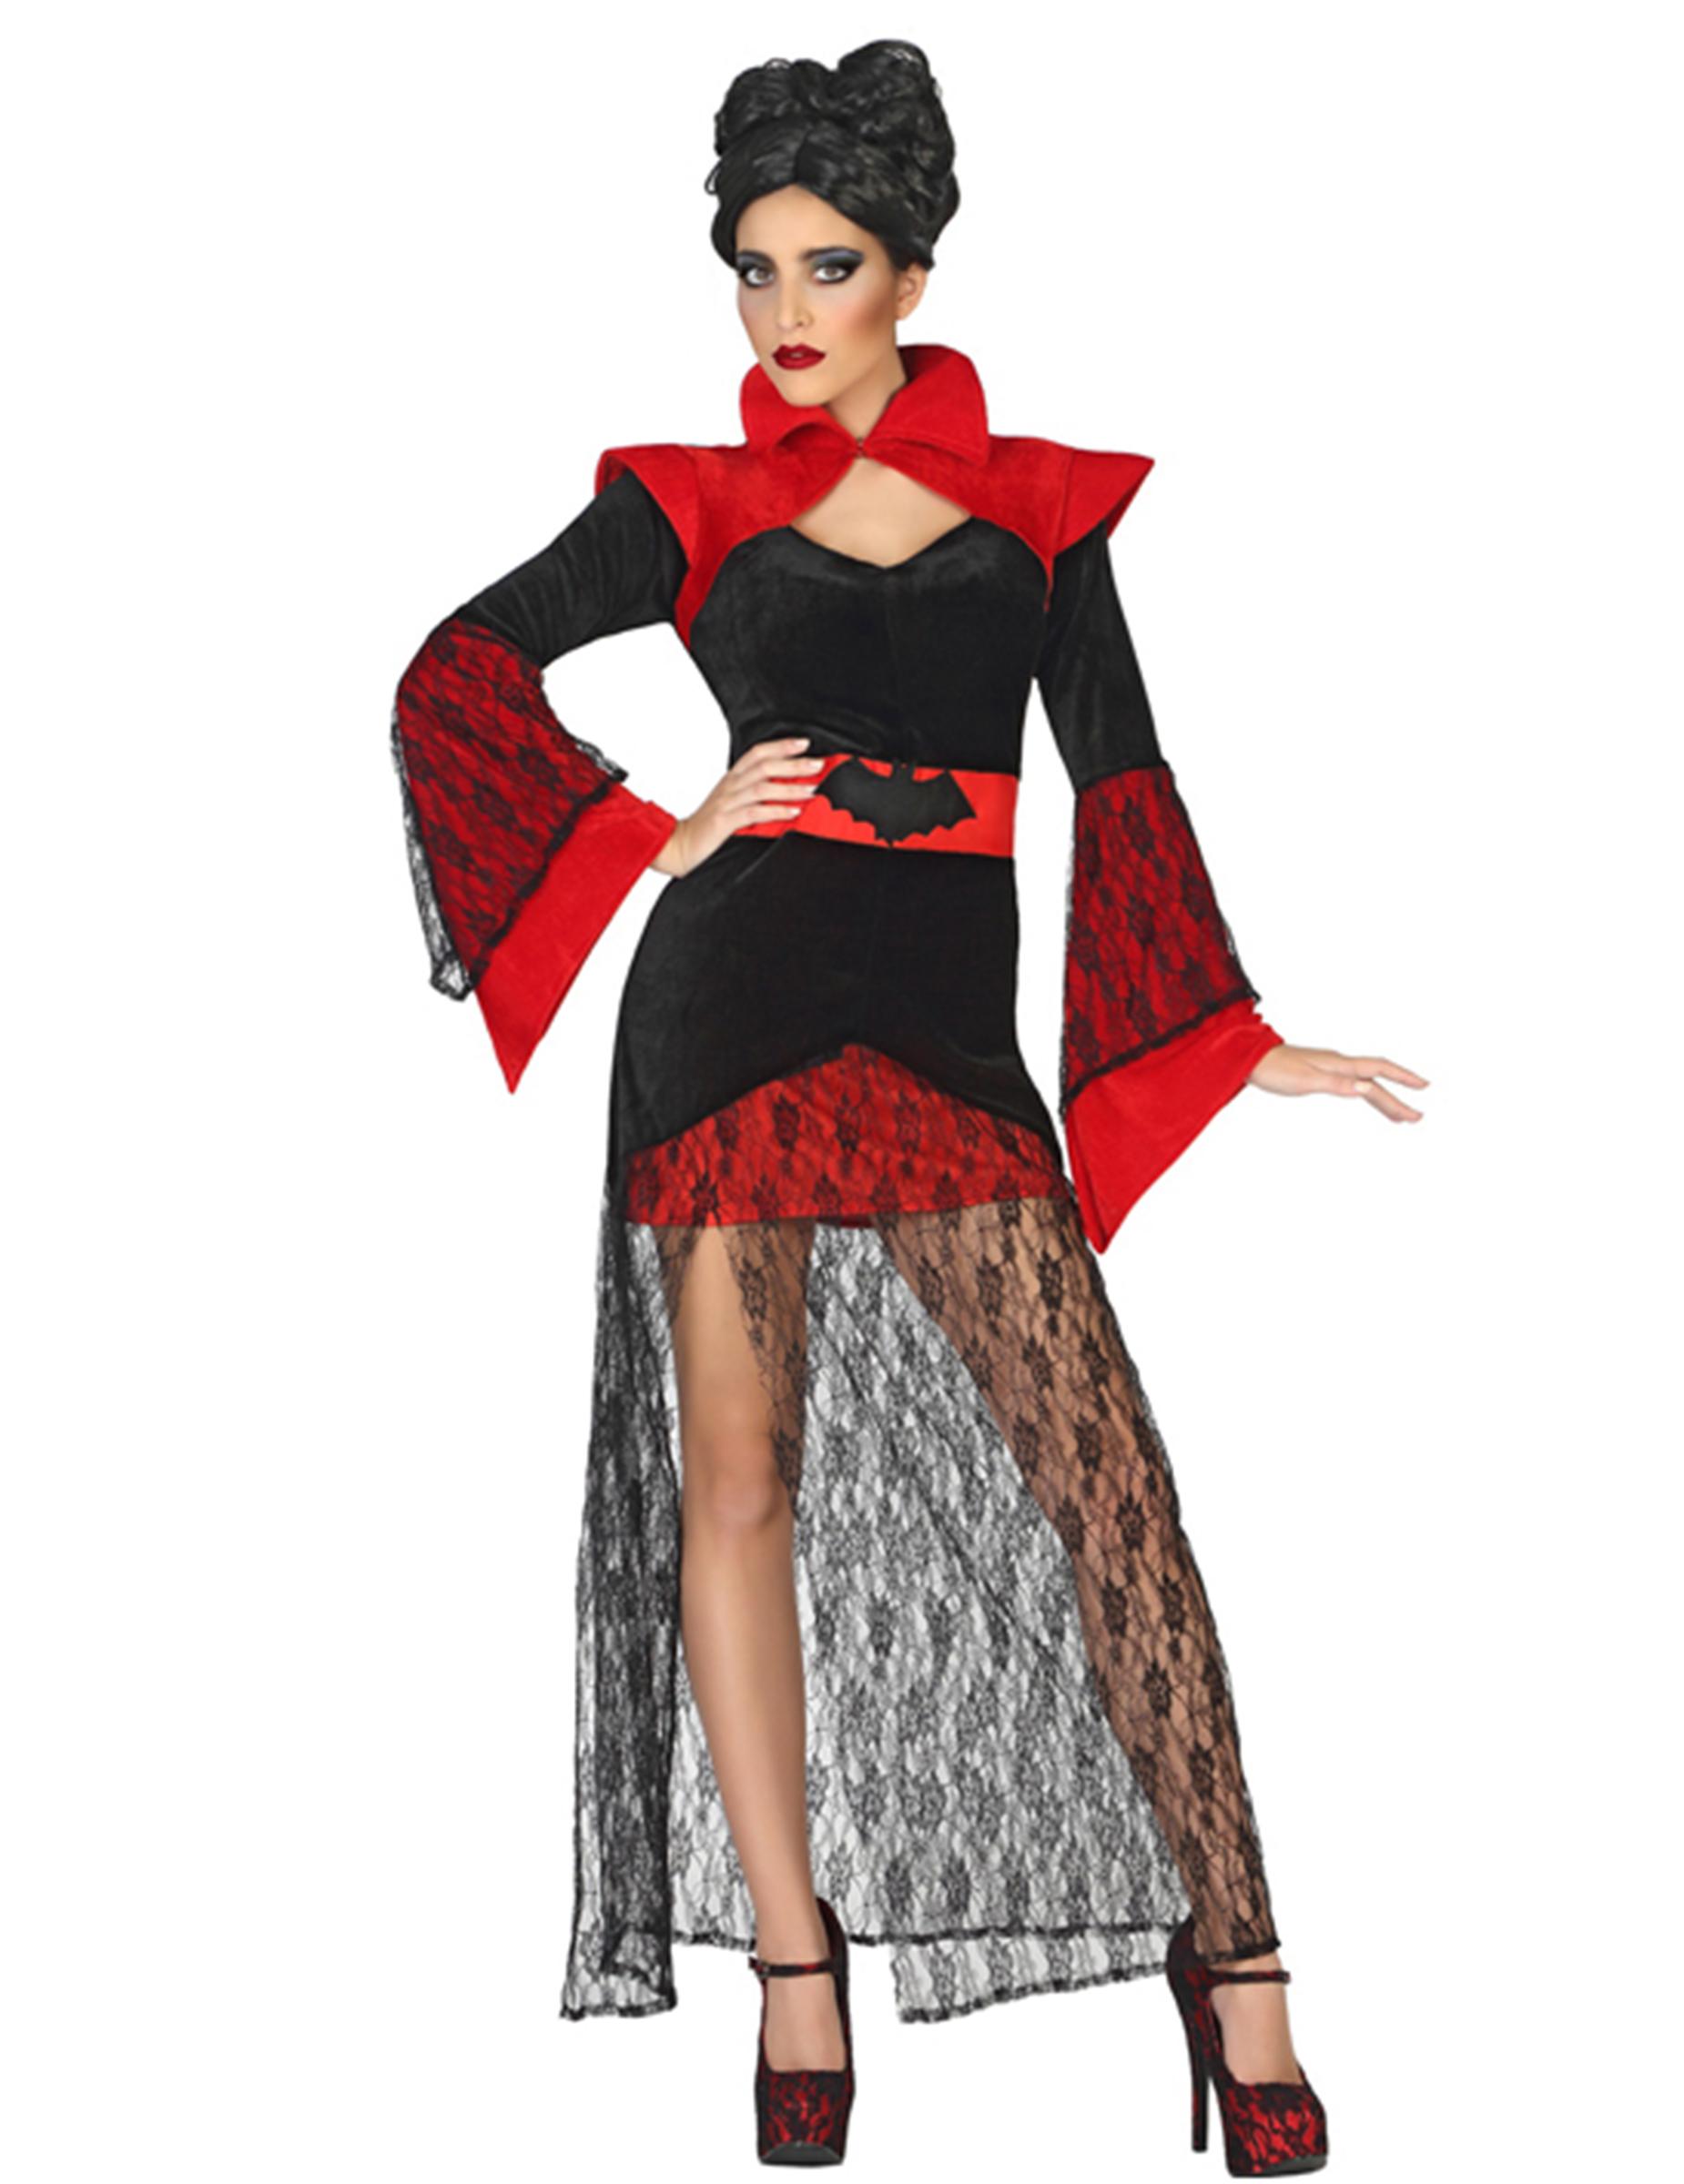 Exotisk vampyr - Halloweenkostym för vuxna 6988f4f4bdc56